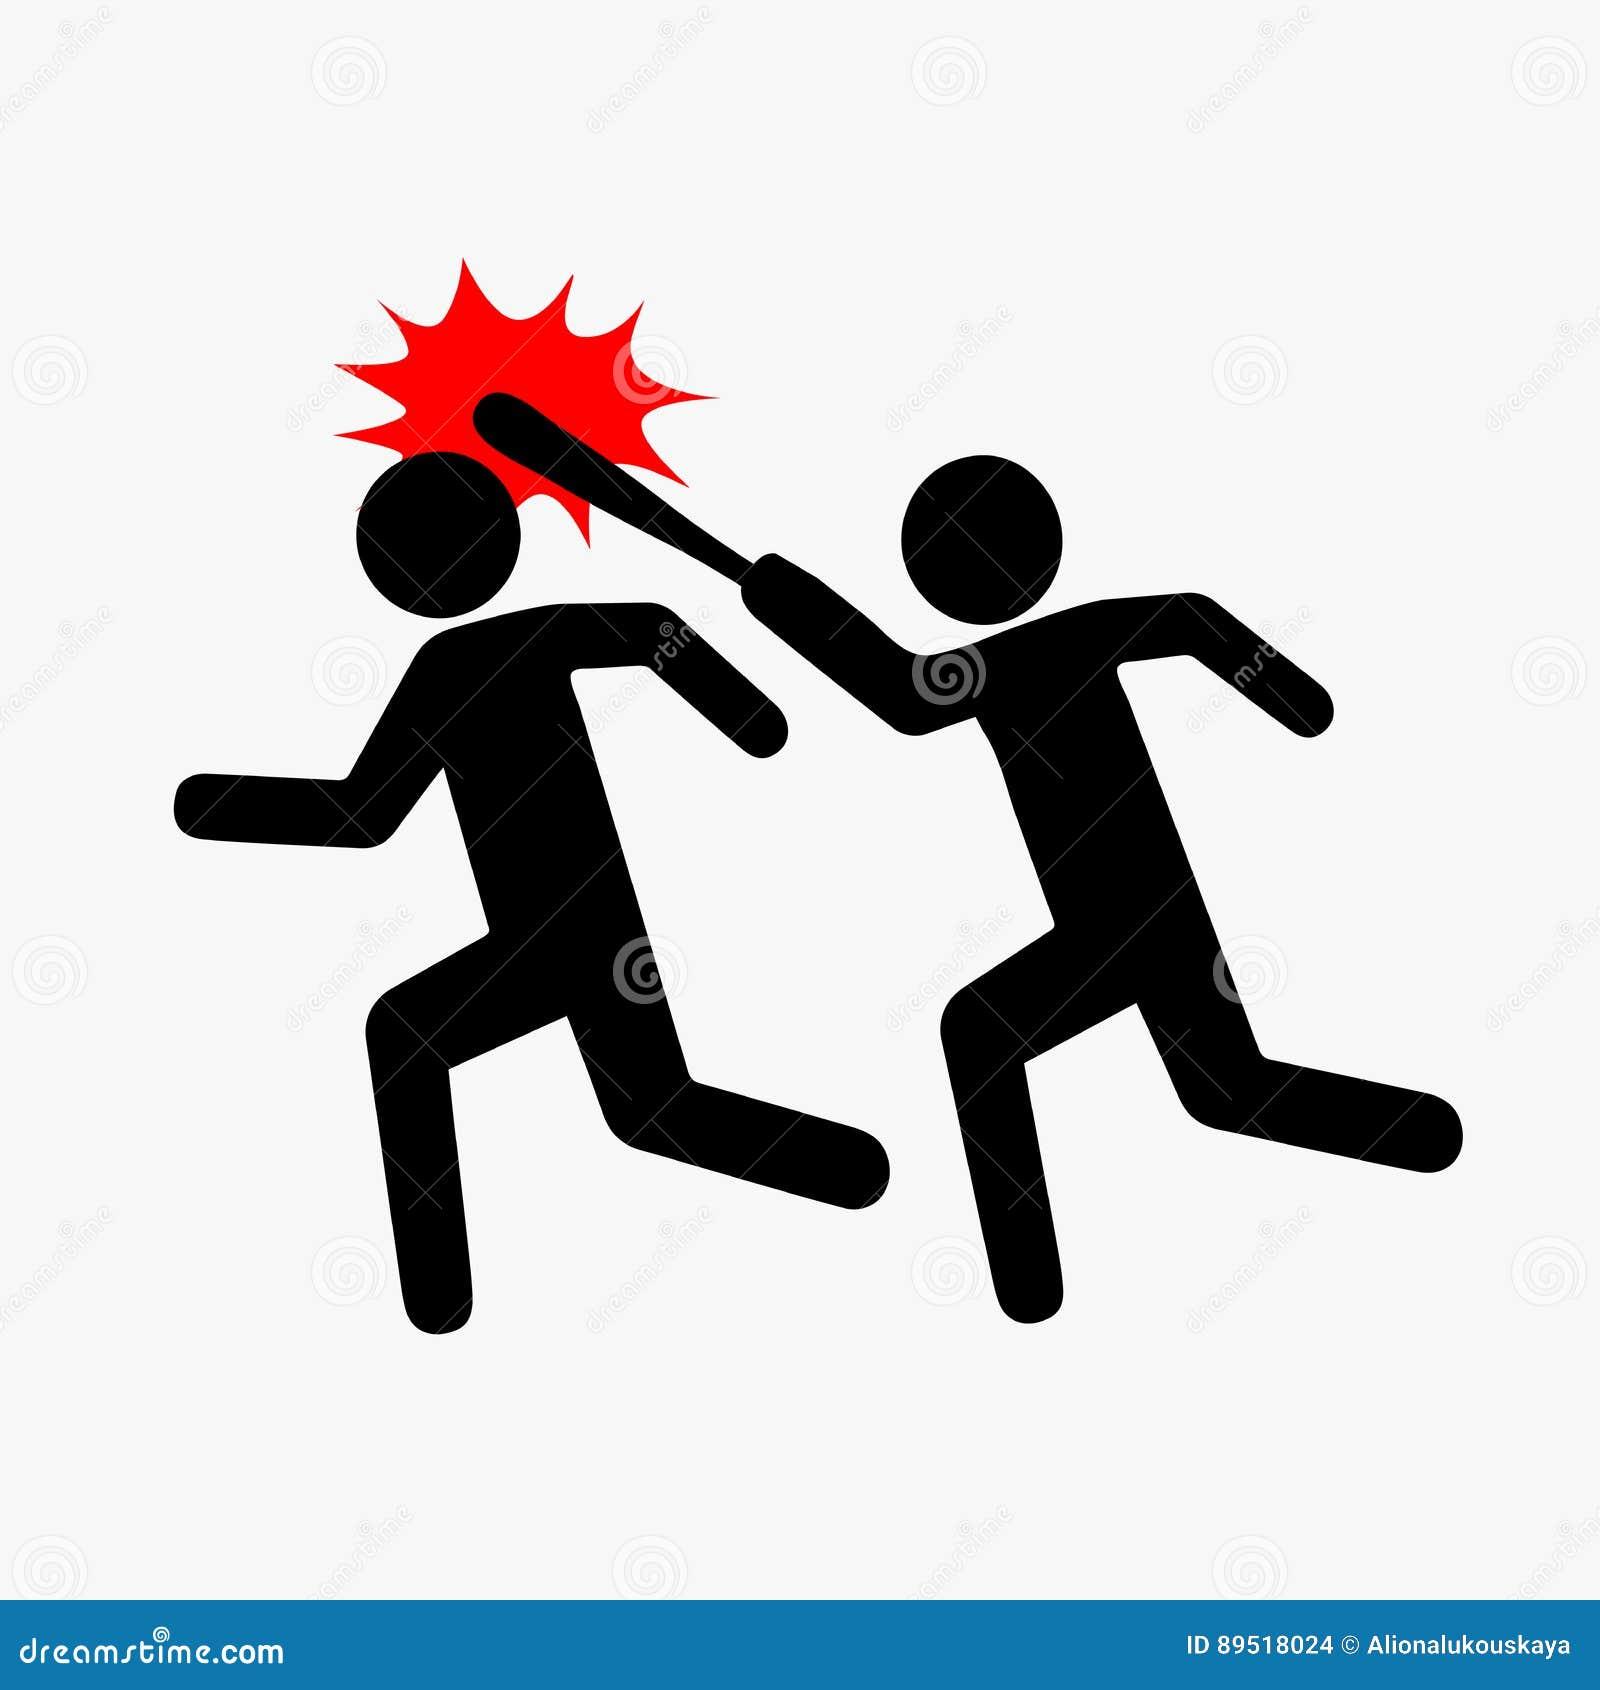 Symbolsröveri, Pictogramvåld Plan stil En symbolically dragen person fångar upp och slår andra med en pinne